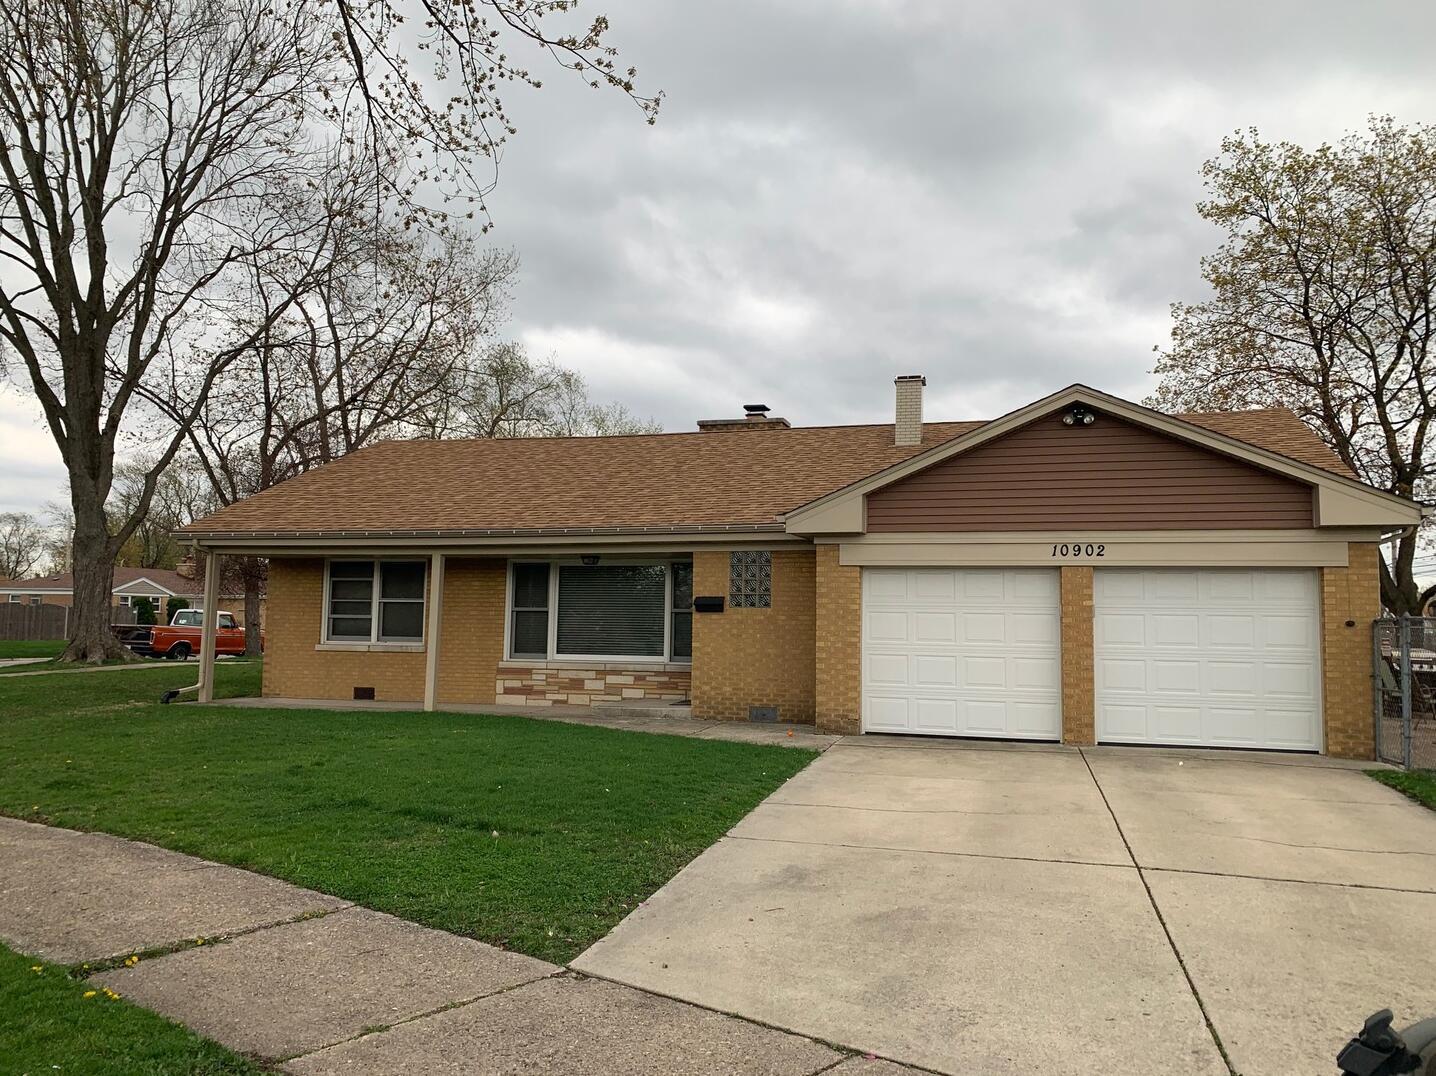 Photo of 10902 Keeler Oak Lawn IL 60453